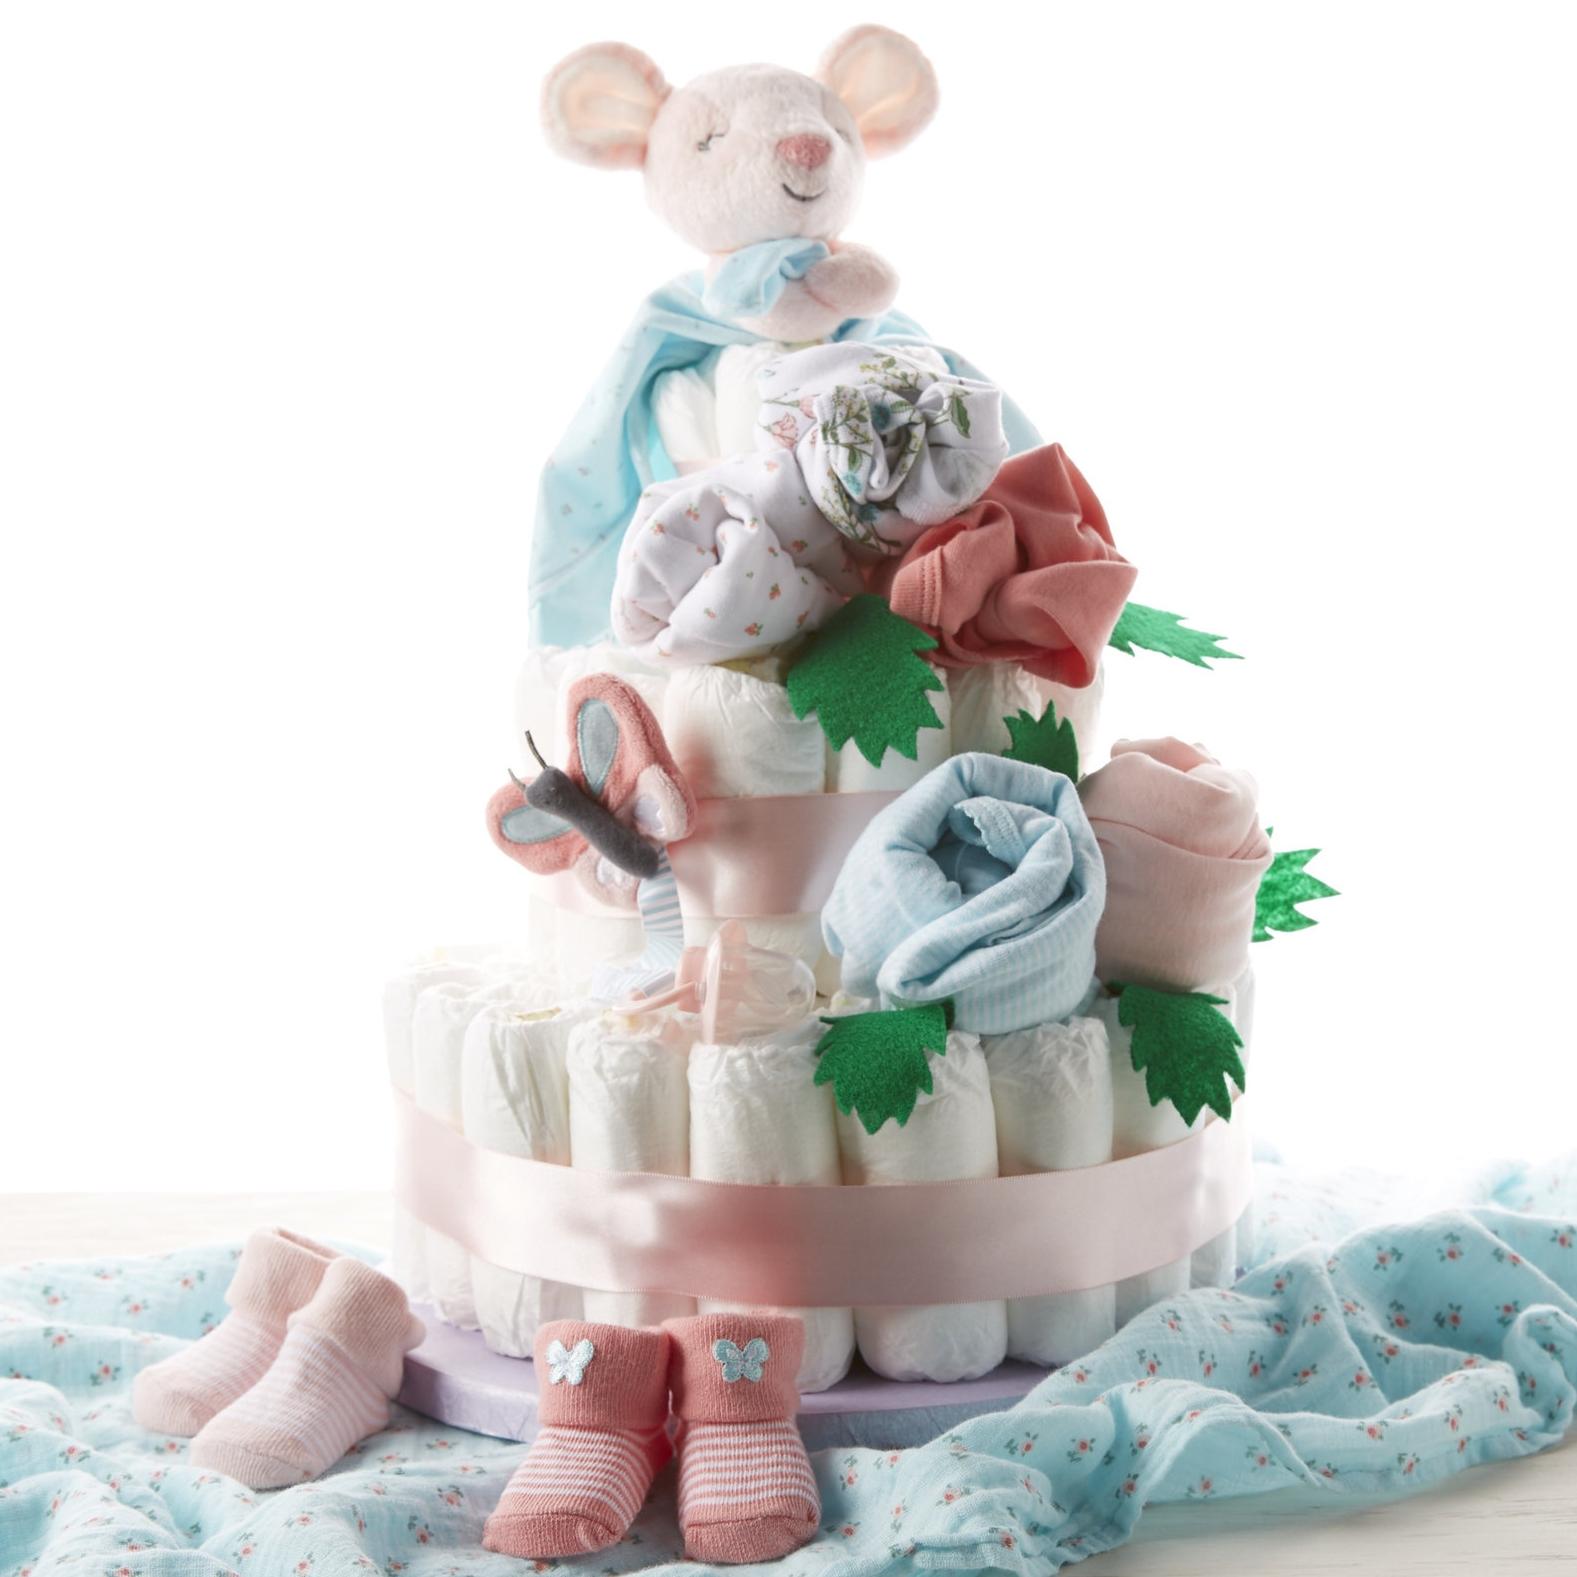 Diaper Cake  for Carter's |   Steve Pomberg